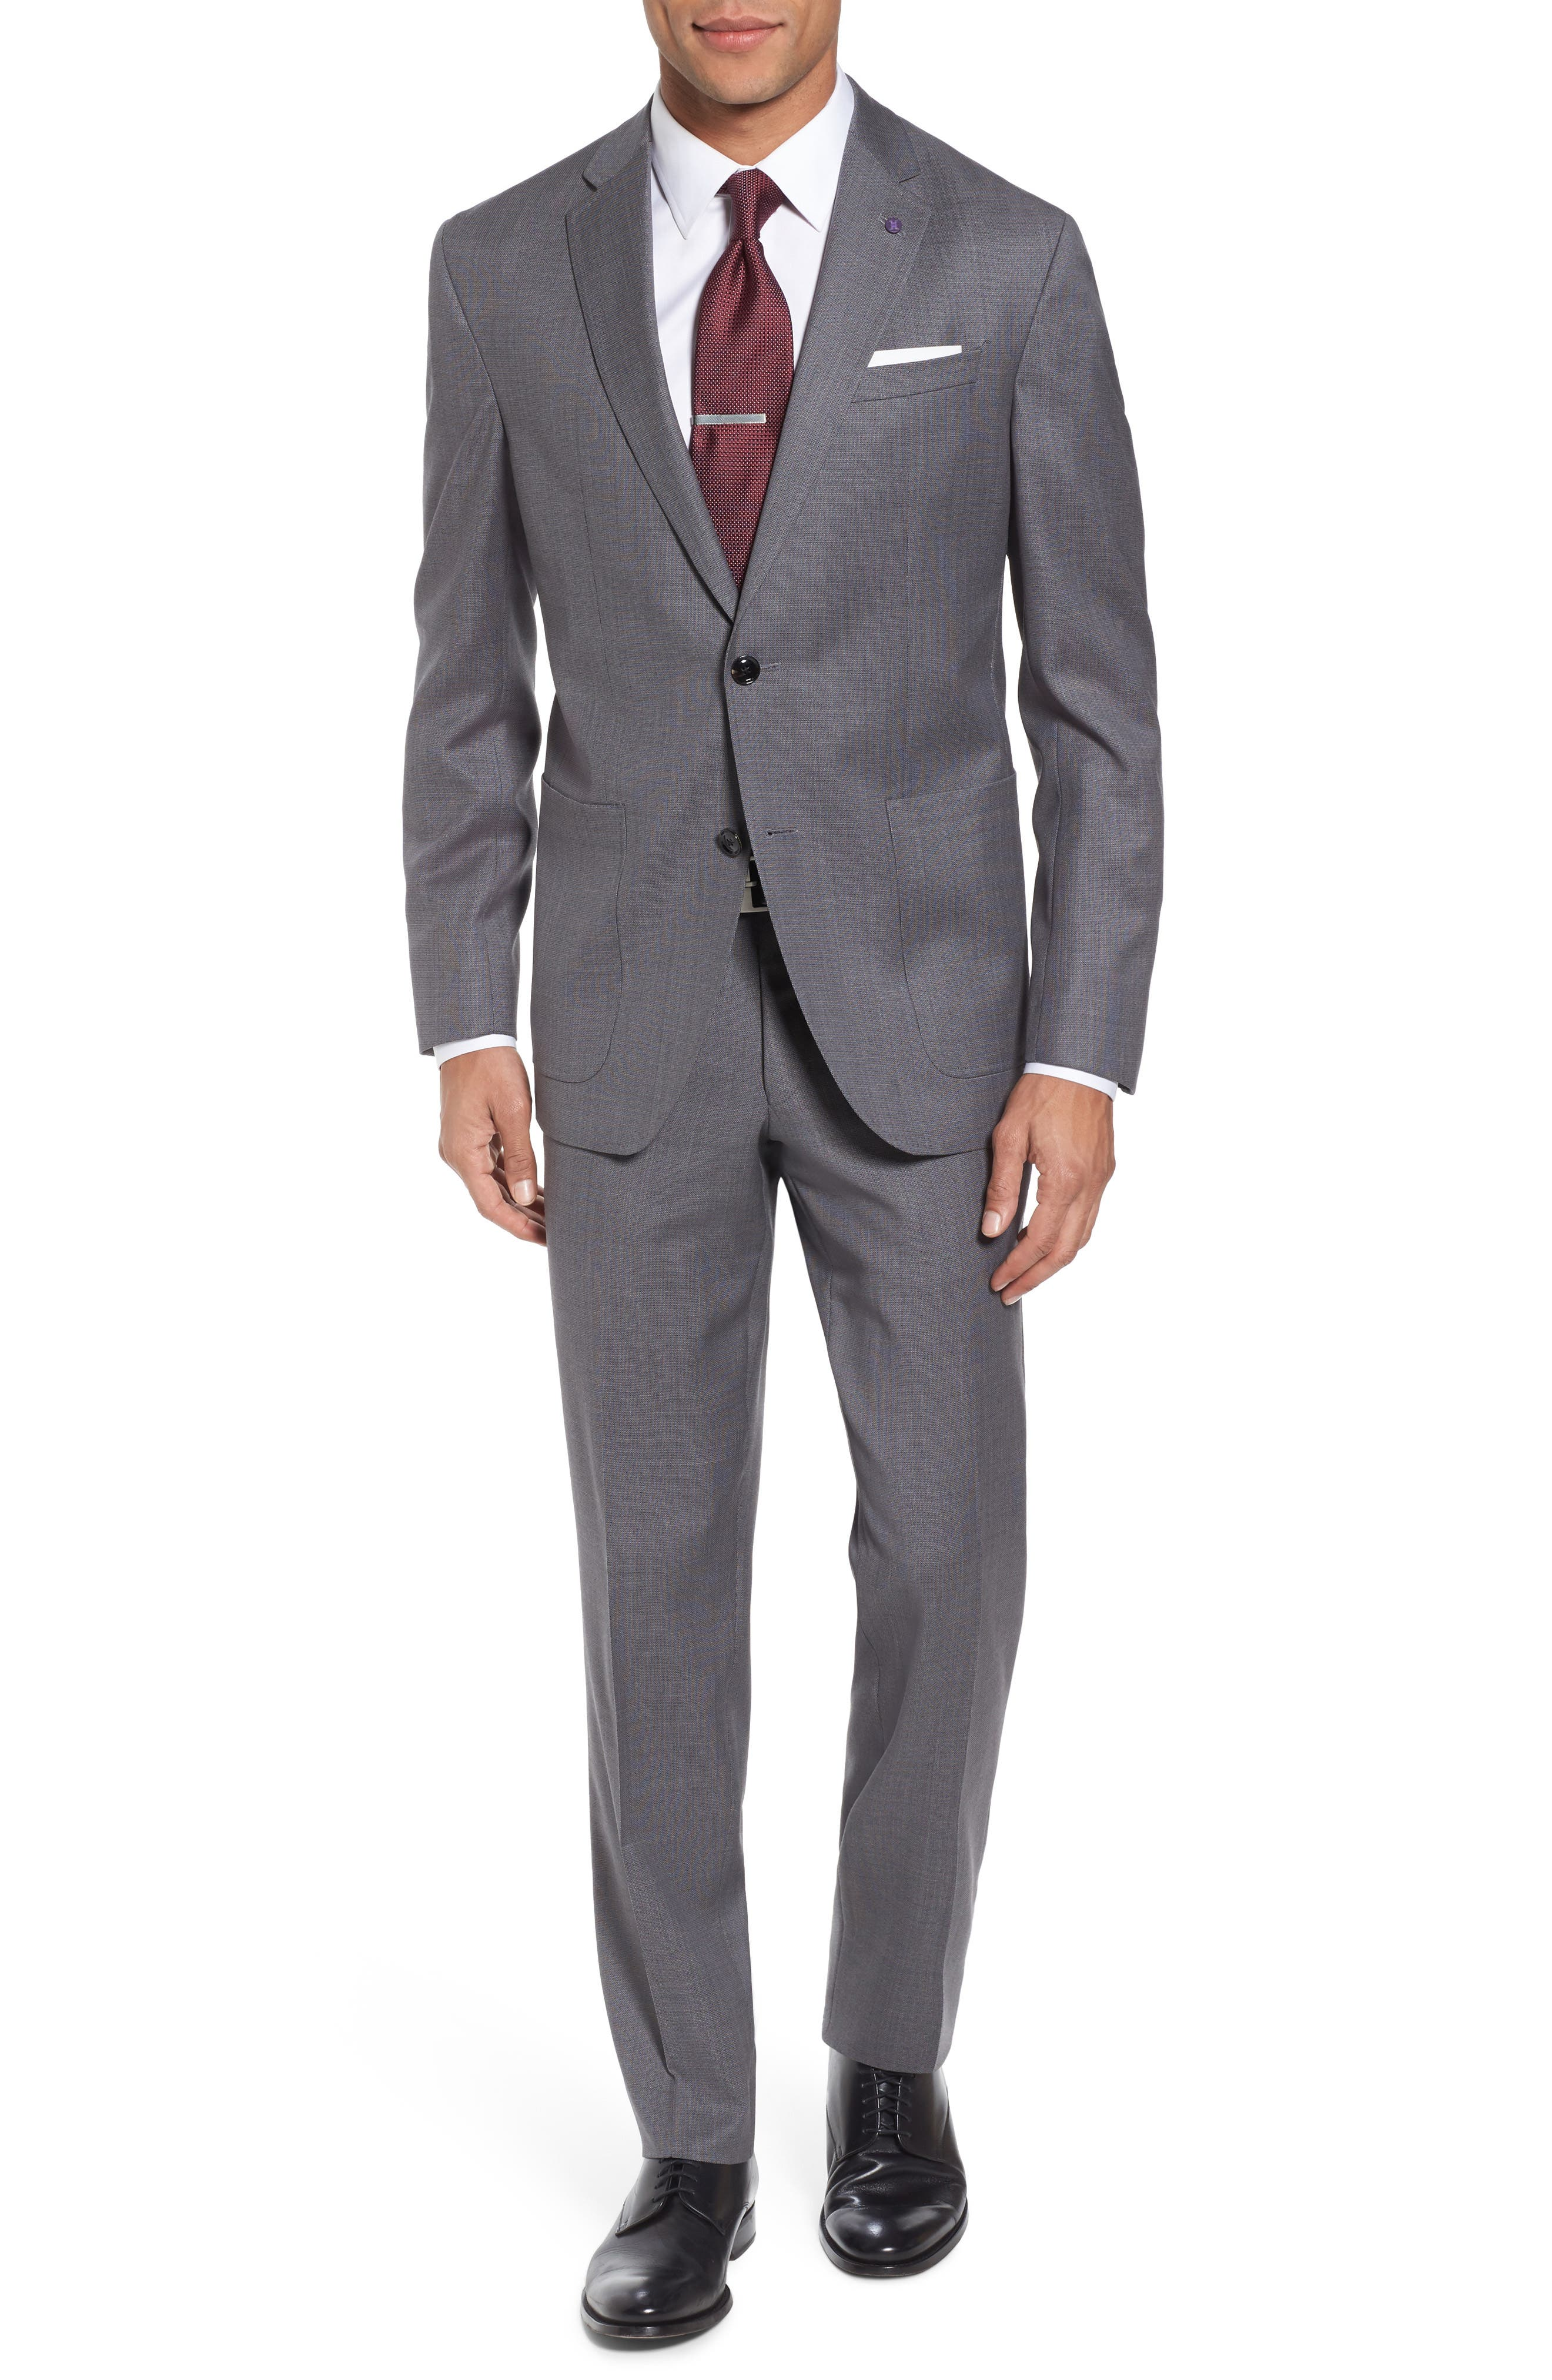 Kyle Trim Fit Solid Wool Suit,                             Main thumbnail 1, color,                             020